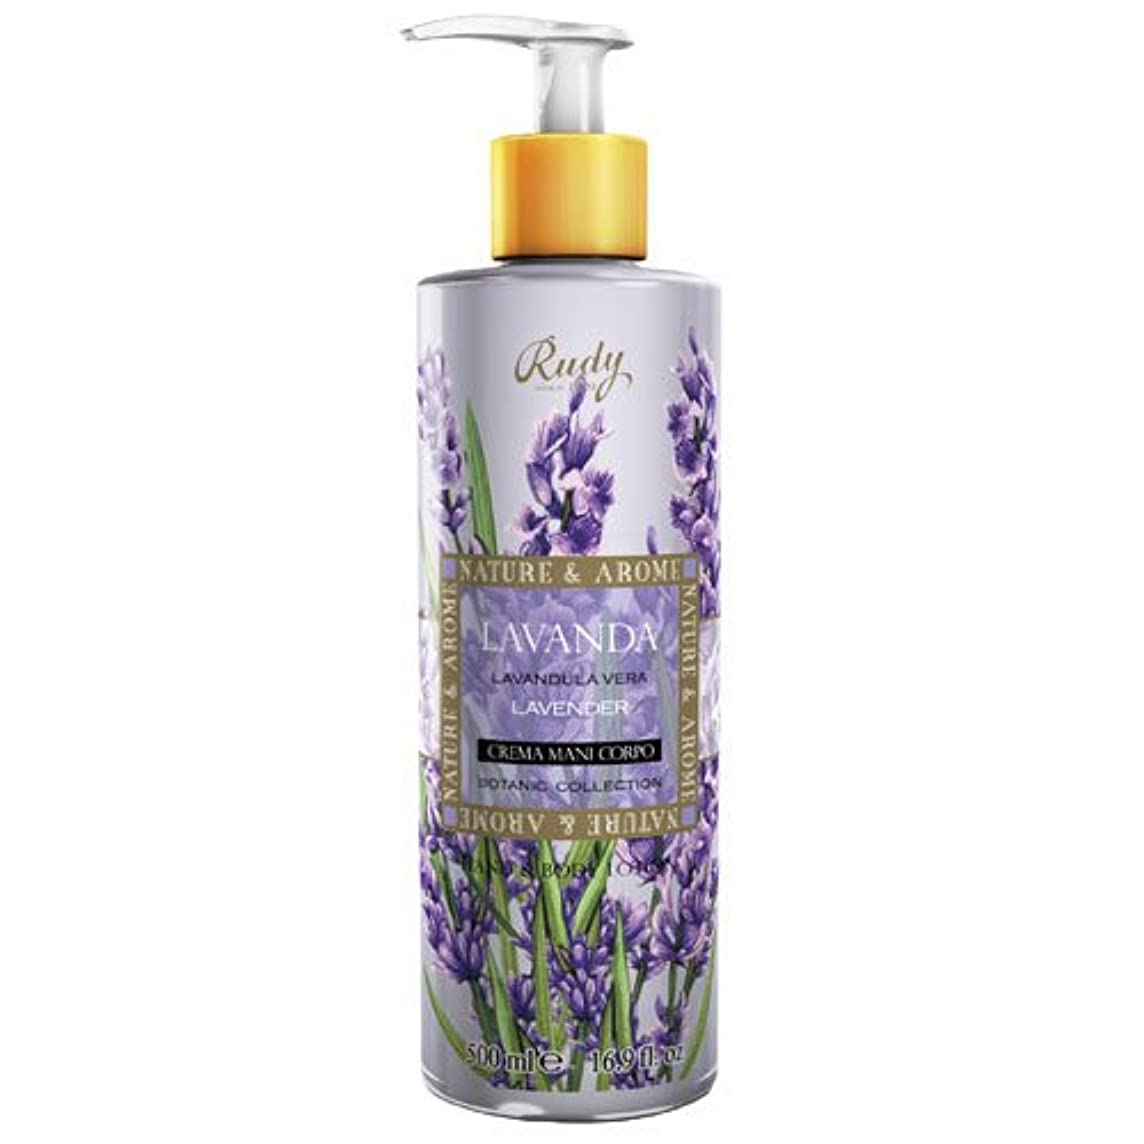 スポンジ救援結晶RUDY Nature&Arome SERIES ルディ ナチュール&アロマ Hand&Body lotion ハンド&ボディローション ラベンダー